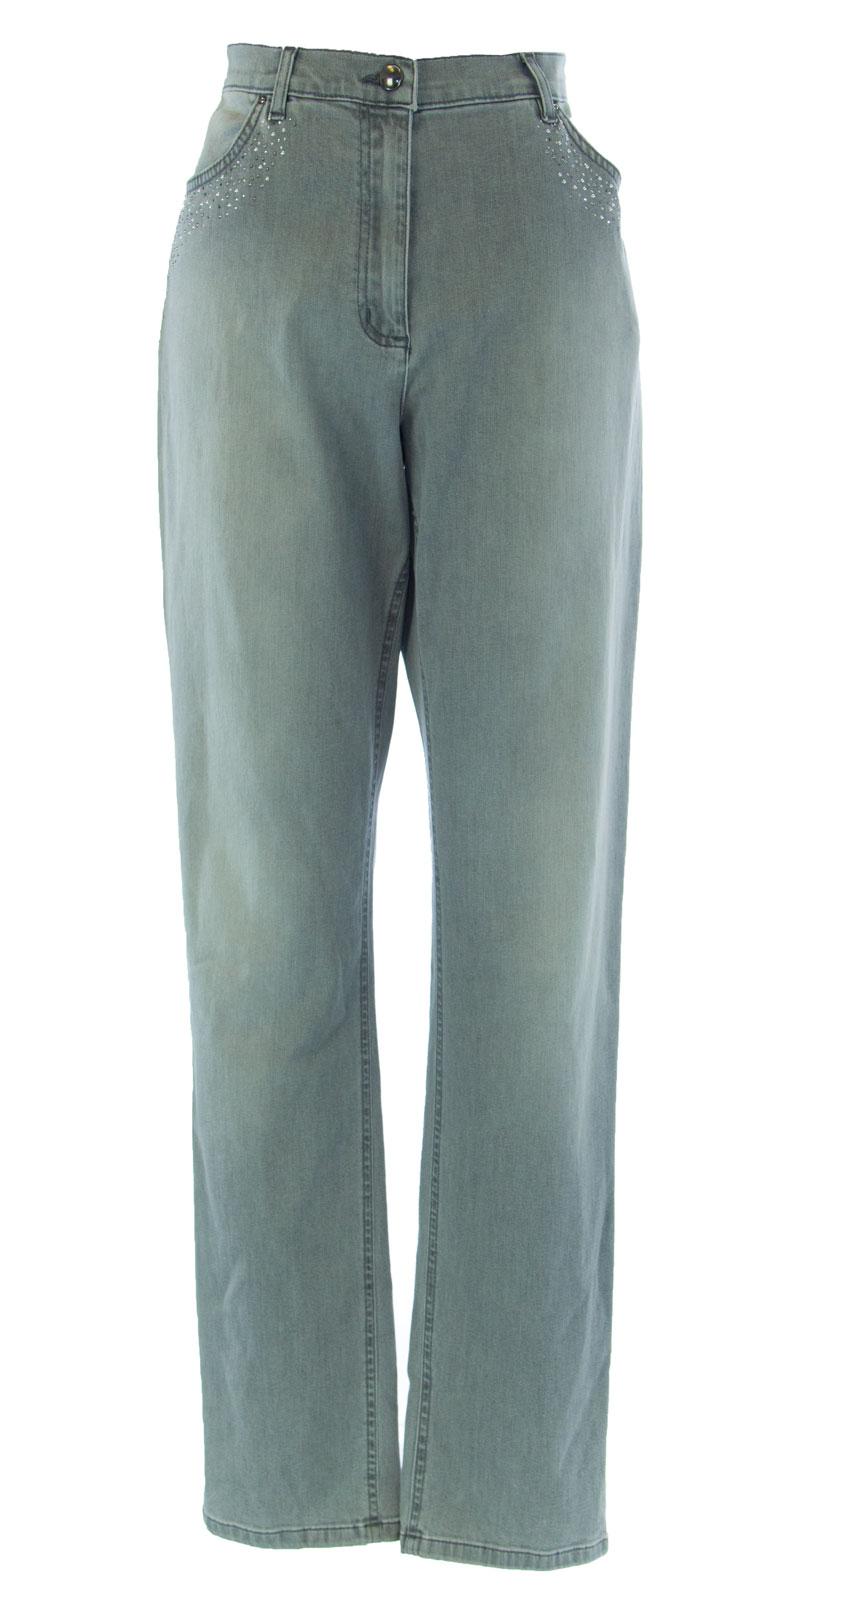 70bca7115dd MARINA RINALDI by MaxMara Wega Light Gray Rhinestone Detailed Jeans ...